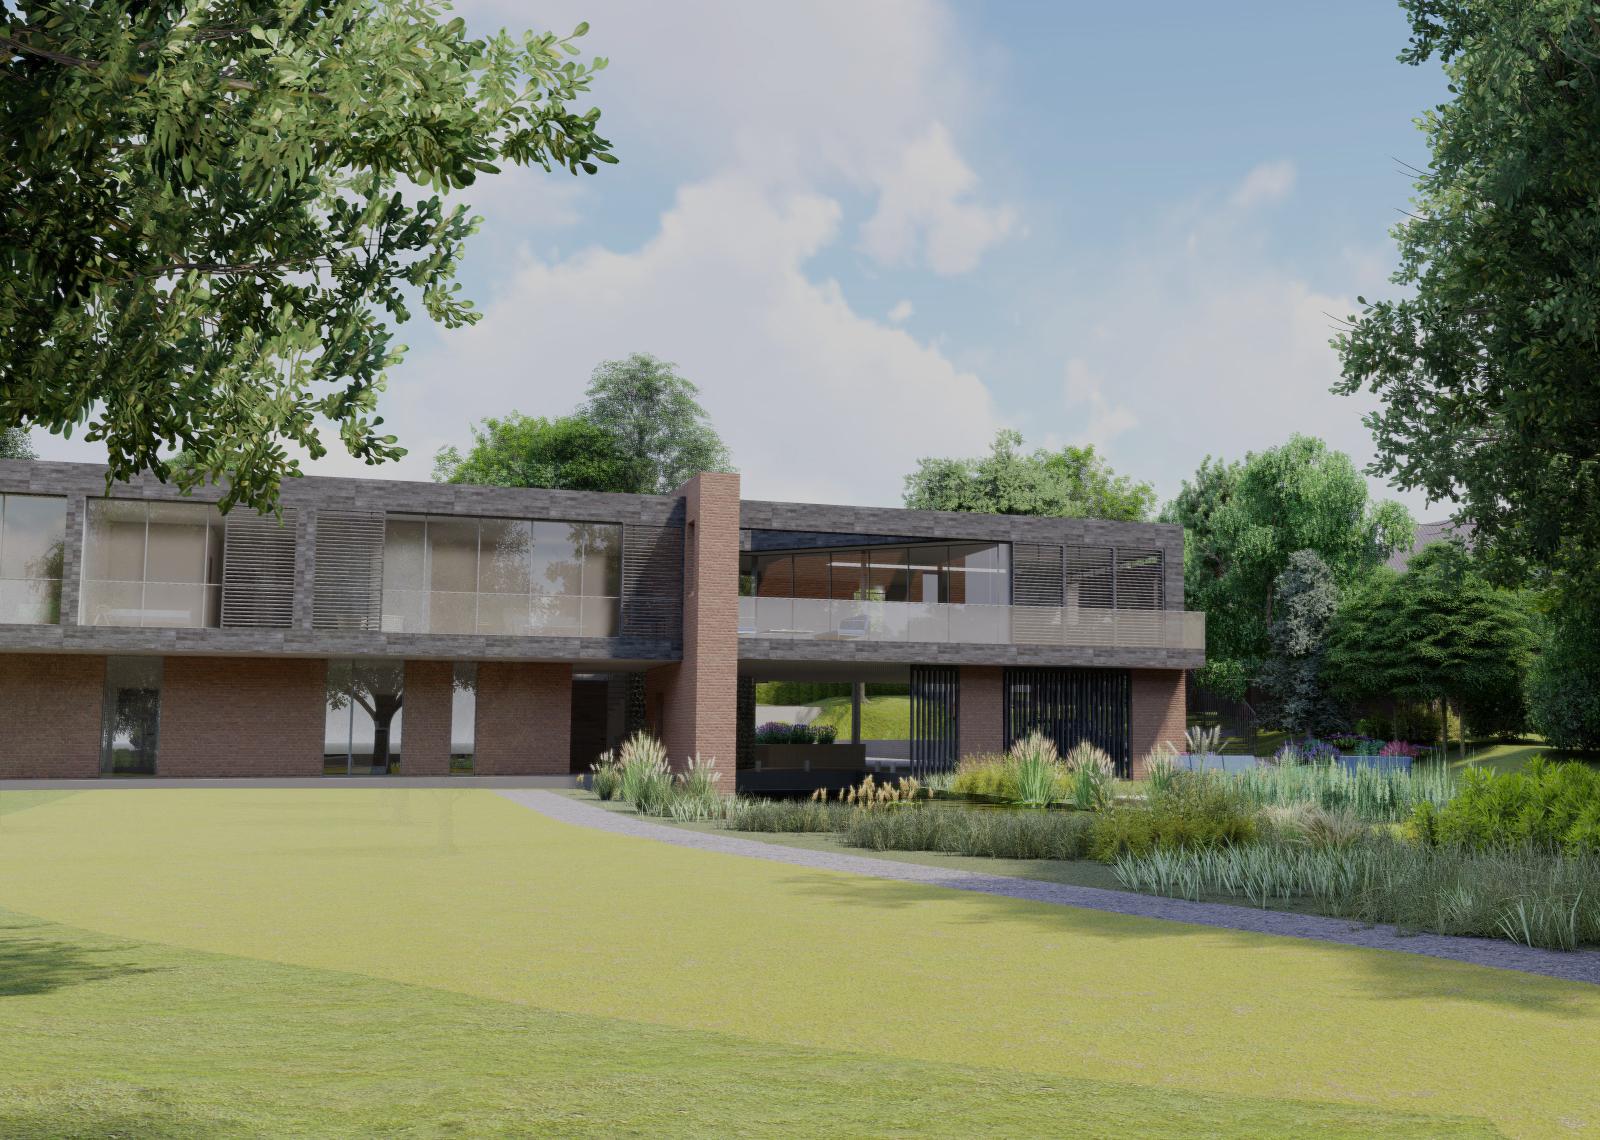 The Pavilion / Oxfordshire -